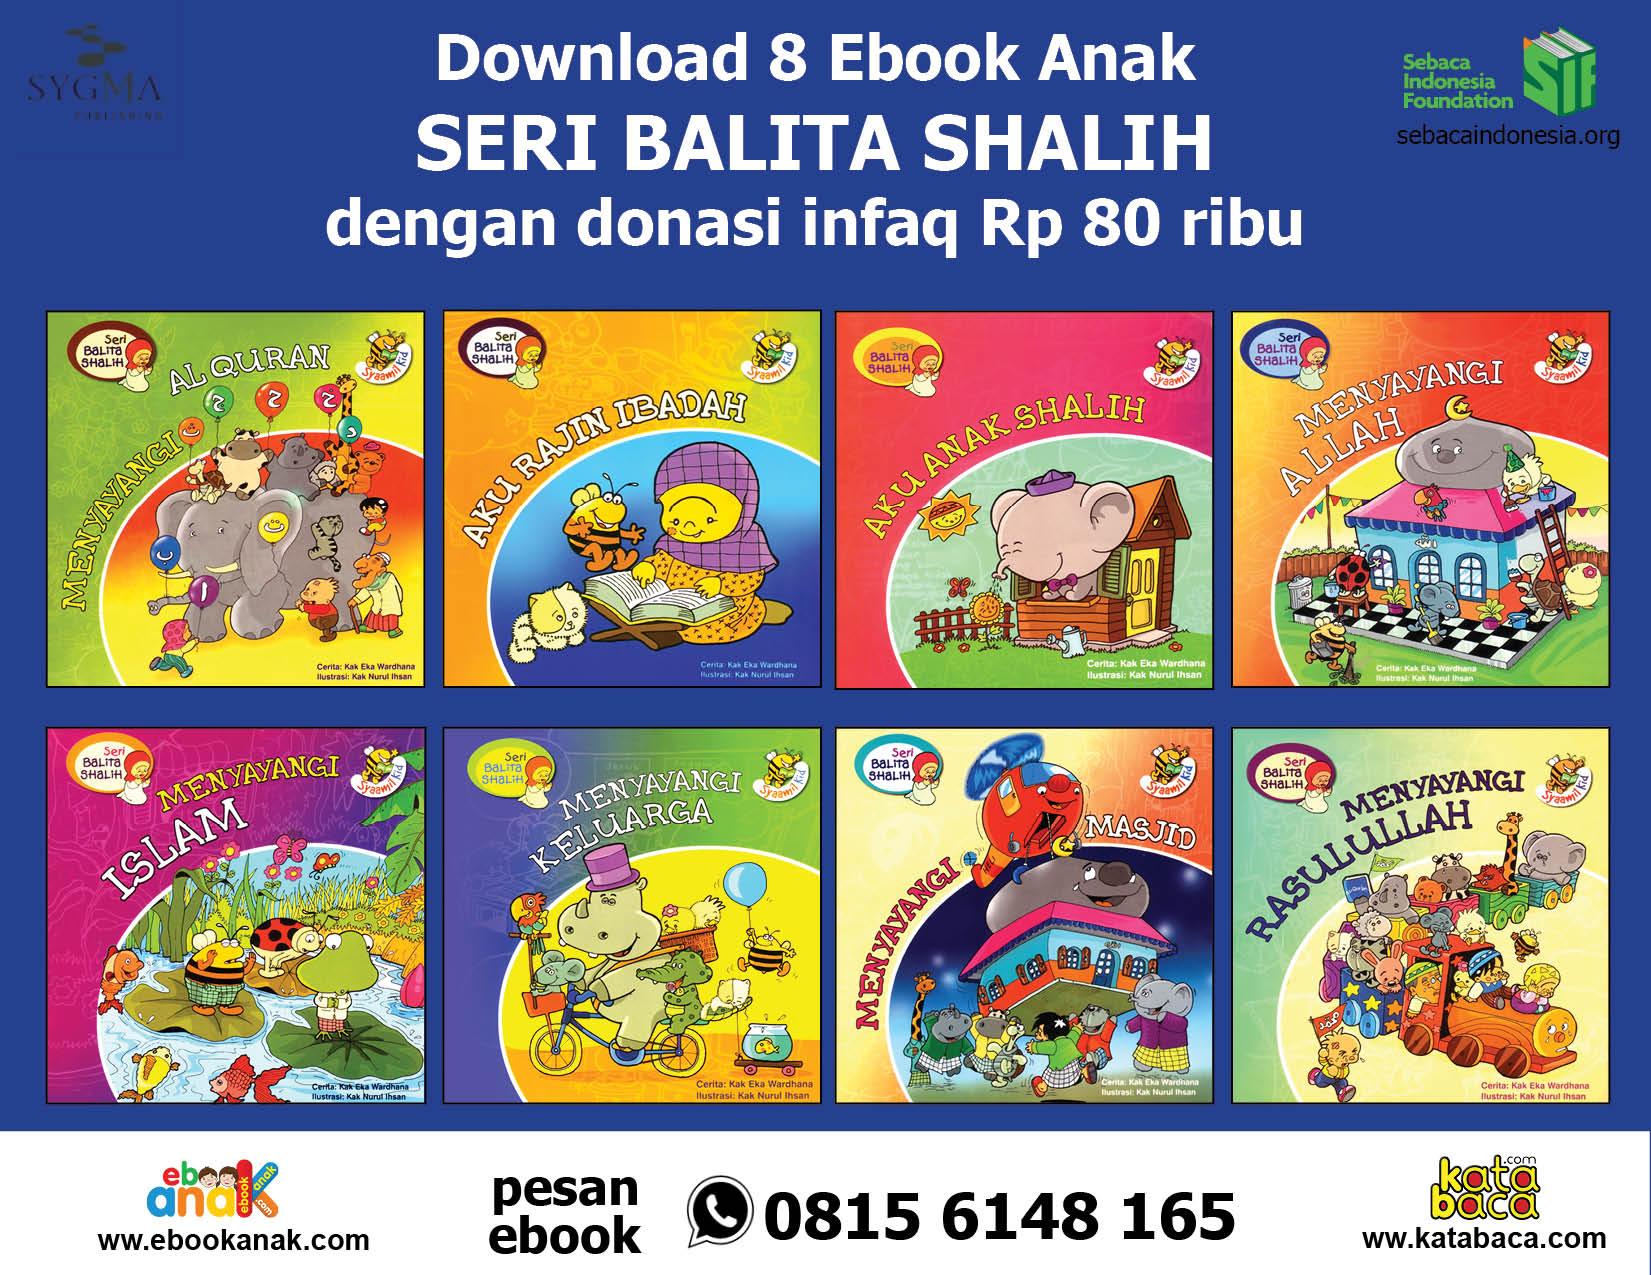 download 8 ebook seri balita shalih